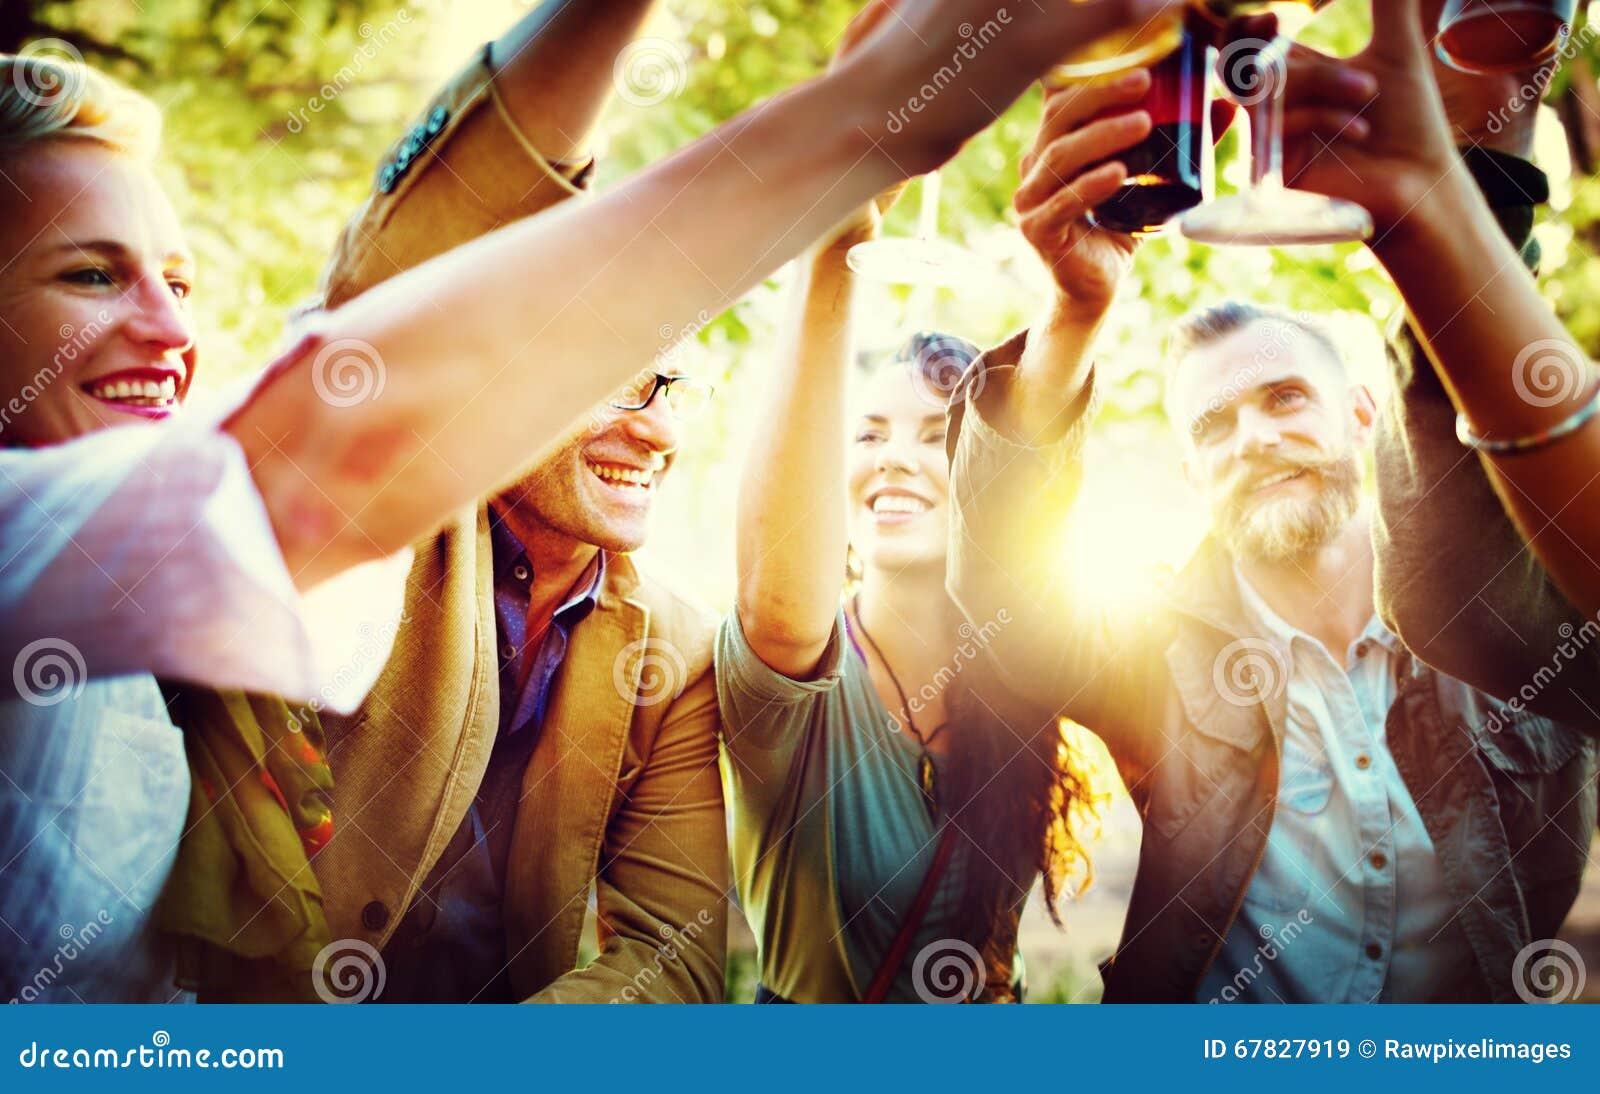 Les amis font la fête dehors le concept de bonheur de célébration